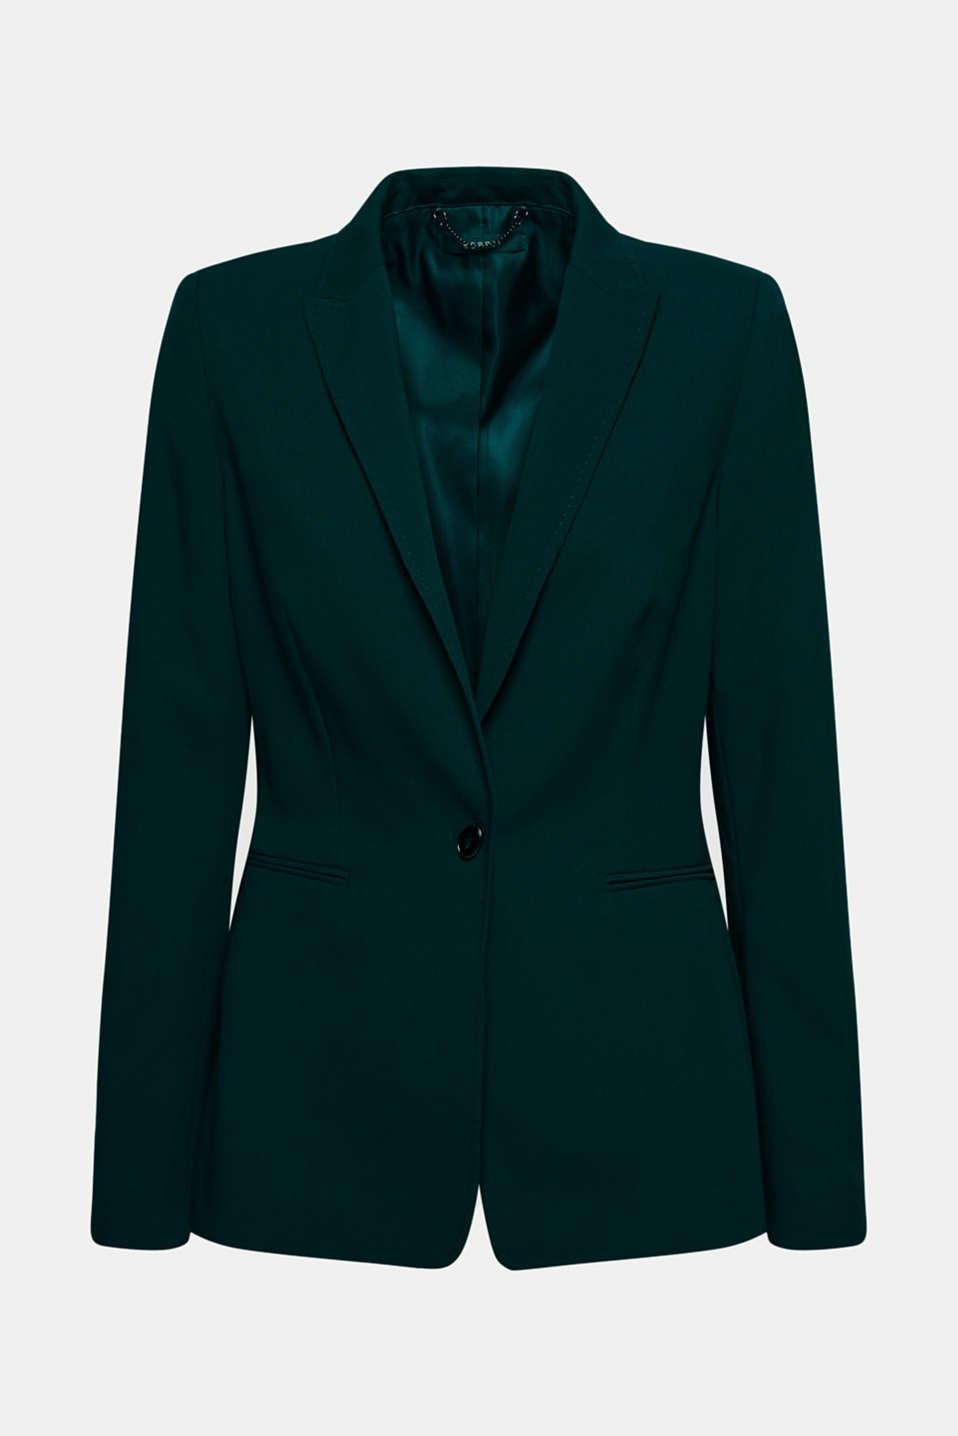 STITCHING mix + match stretch blazer, DARK TEAL GREEN 2, detail image number 5